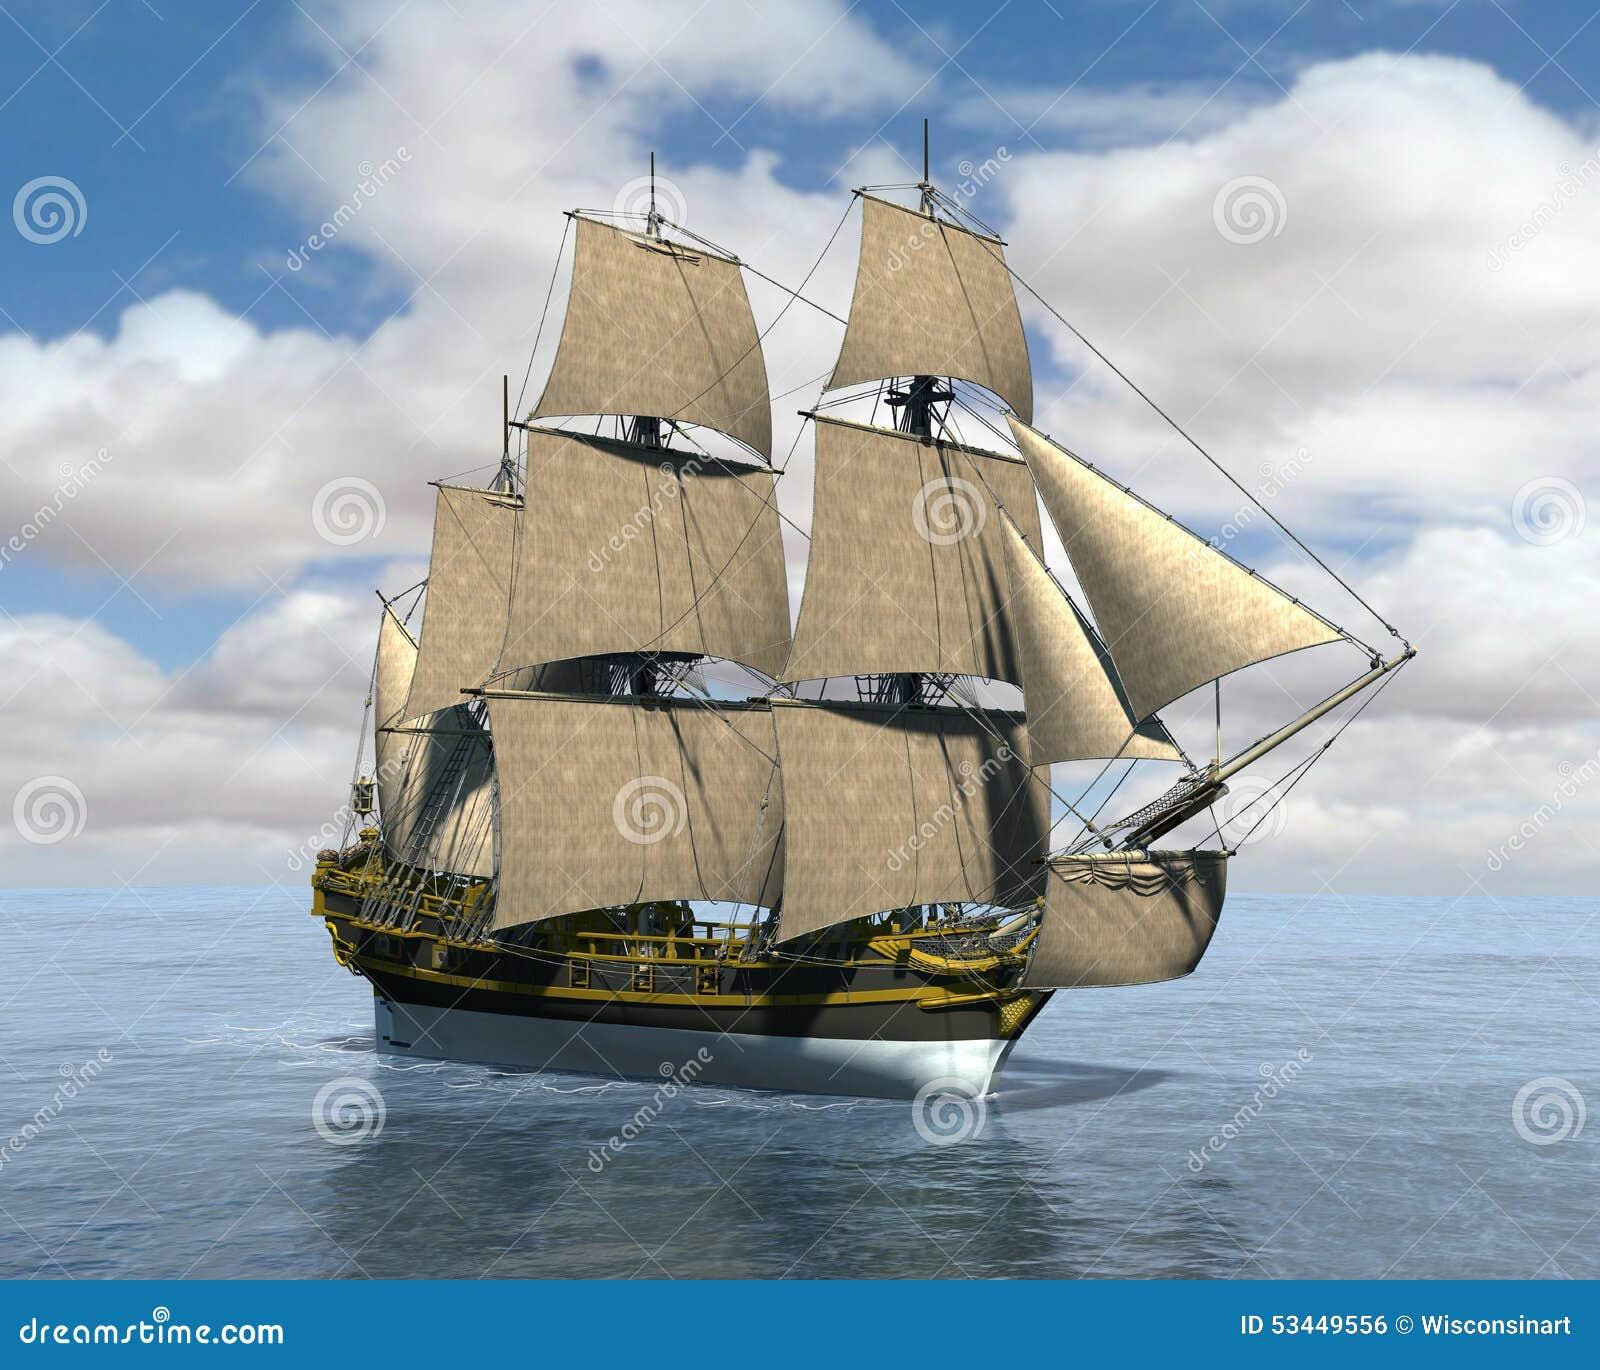 Vintage tall sailing ship at sea illustration. The boat has full sails ...